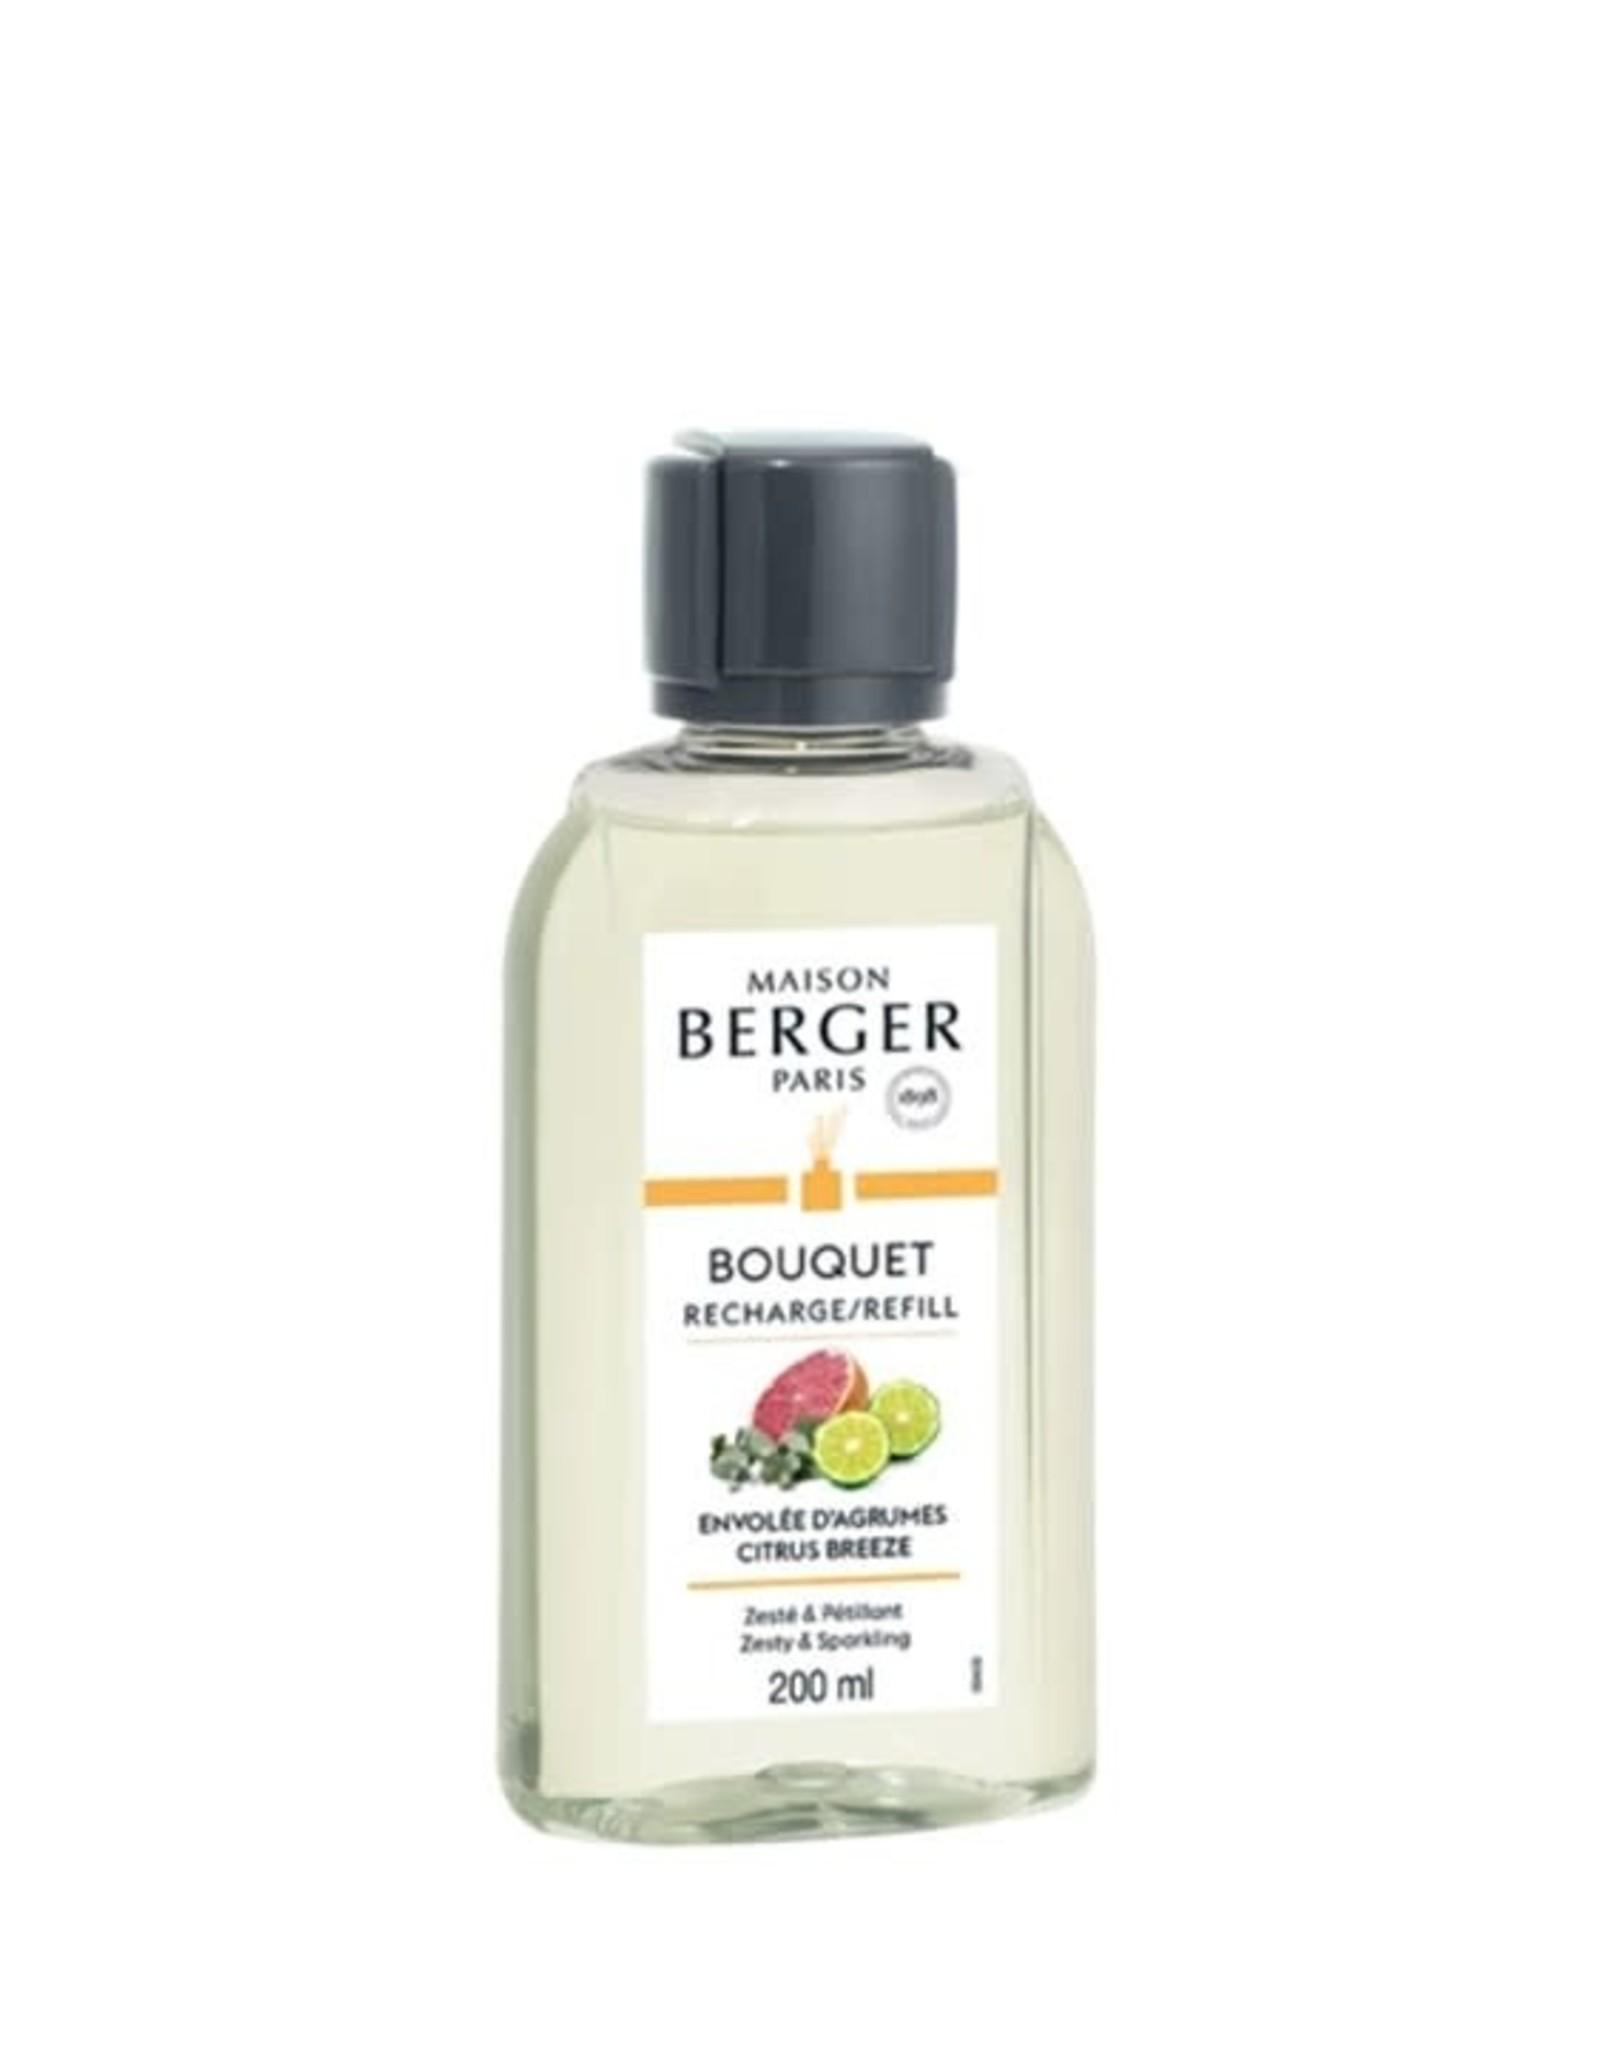 Maison Berger Recharge bouquet - Envolée d'agrumes